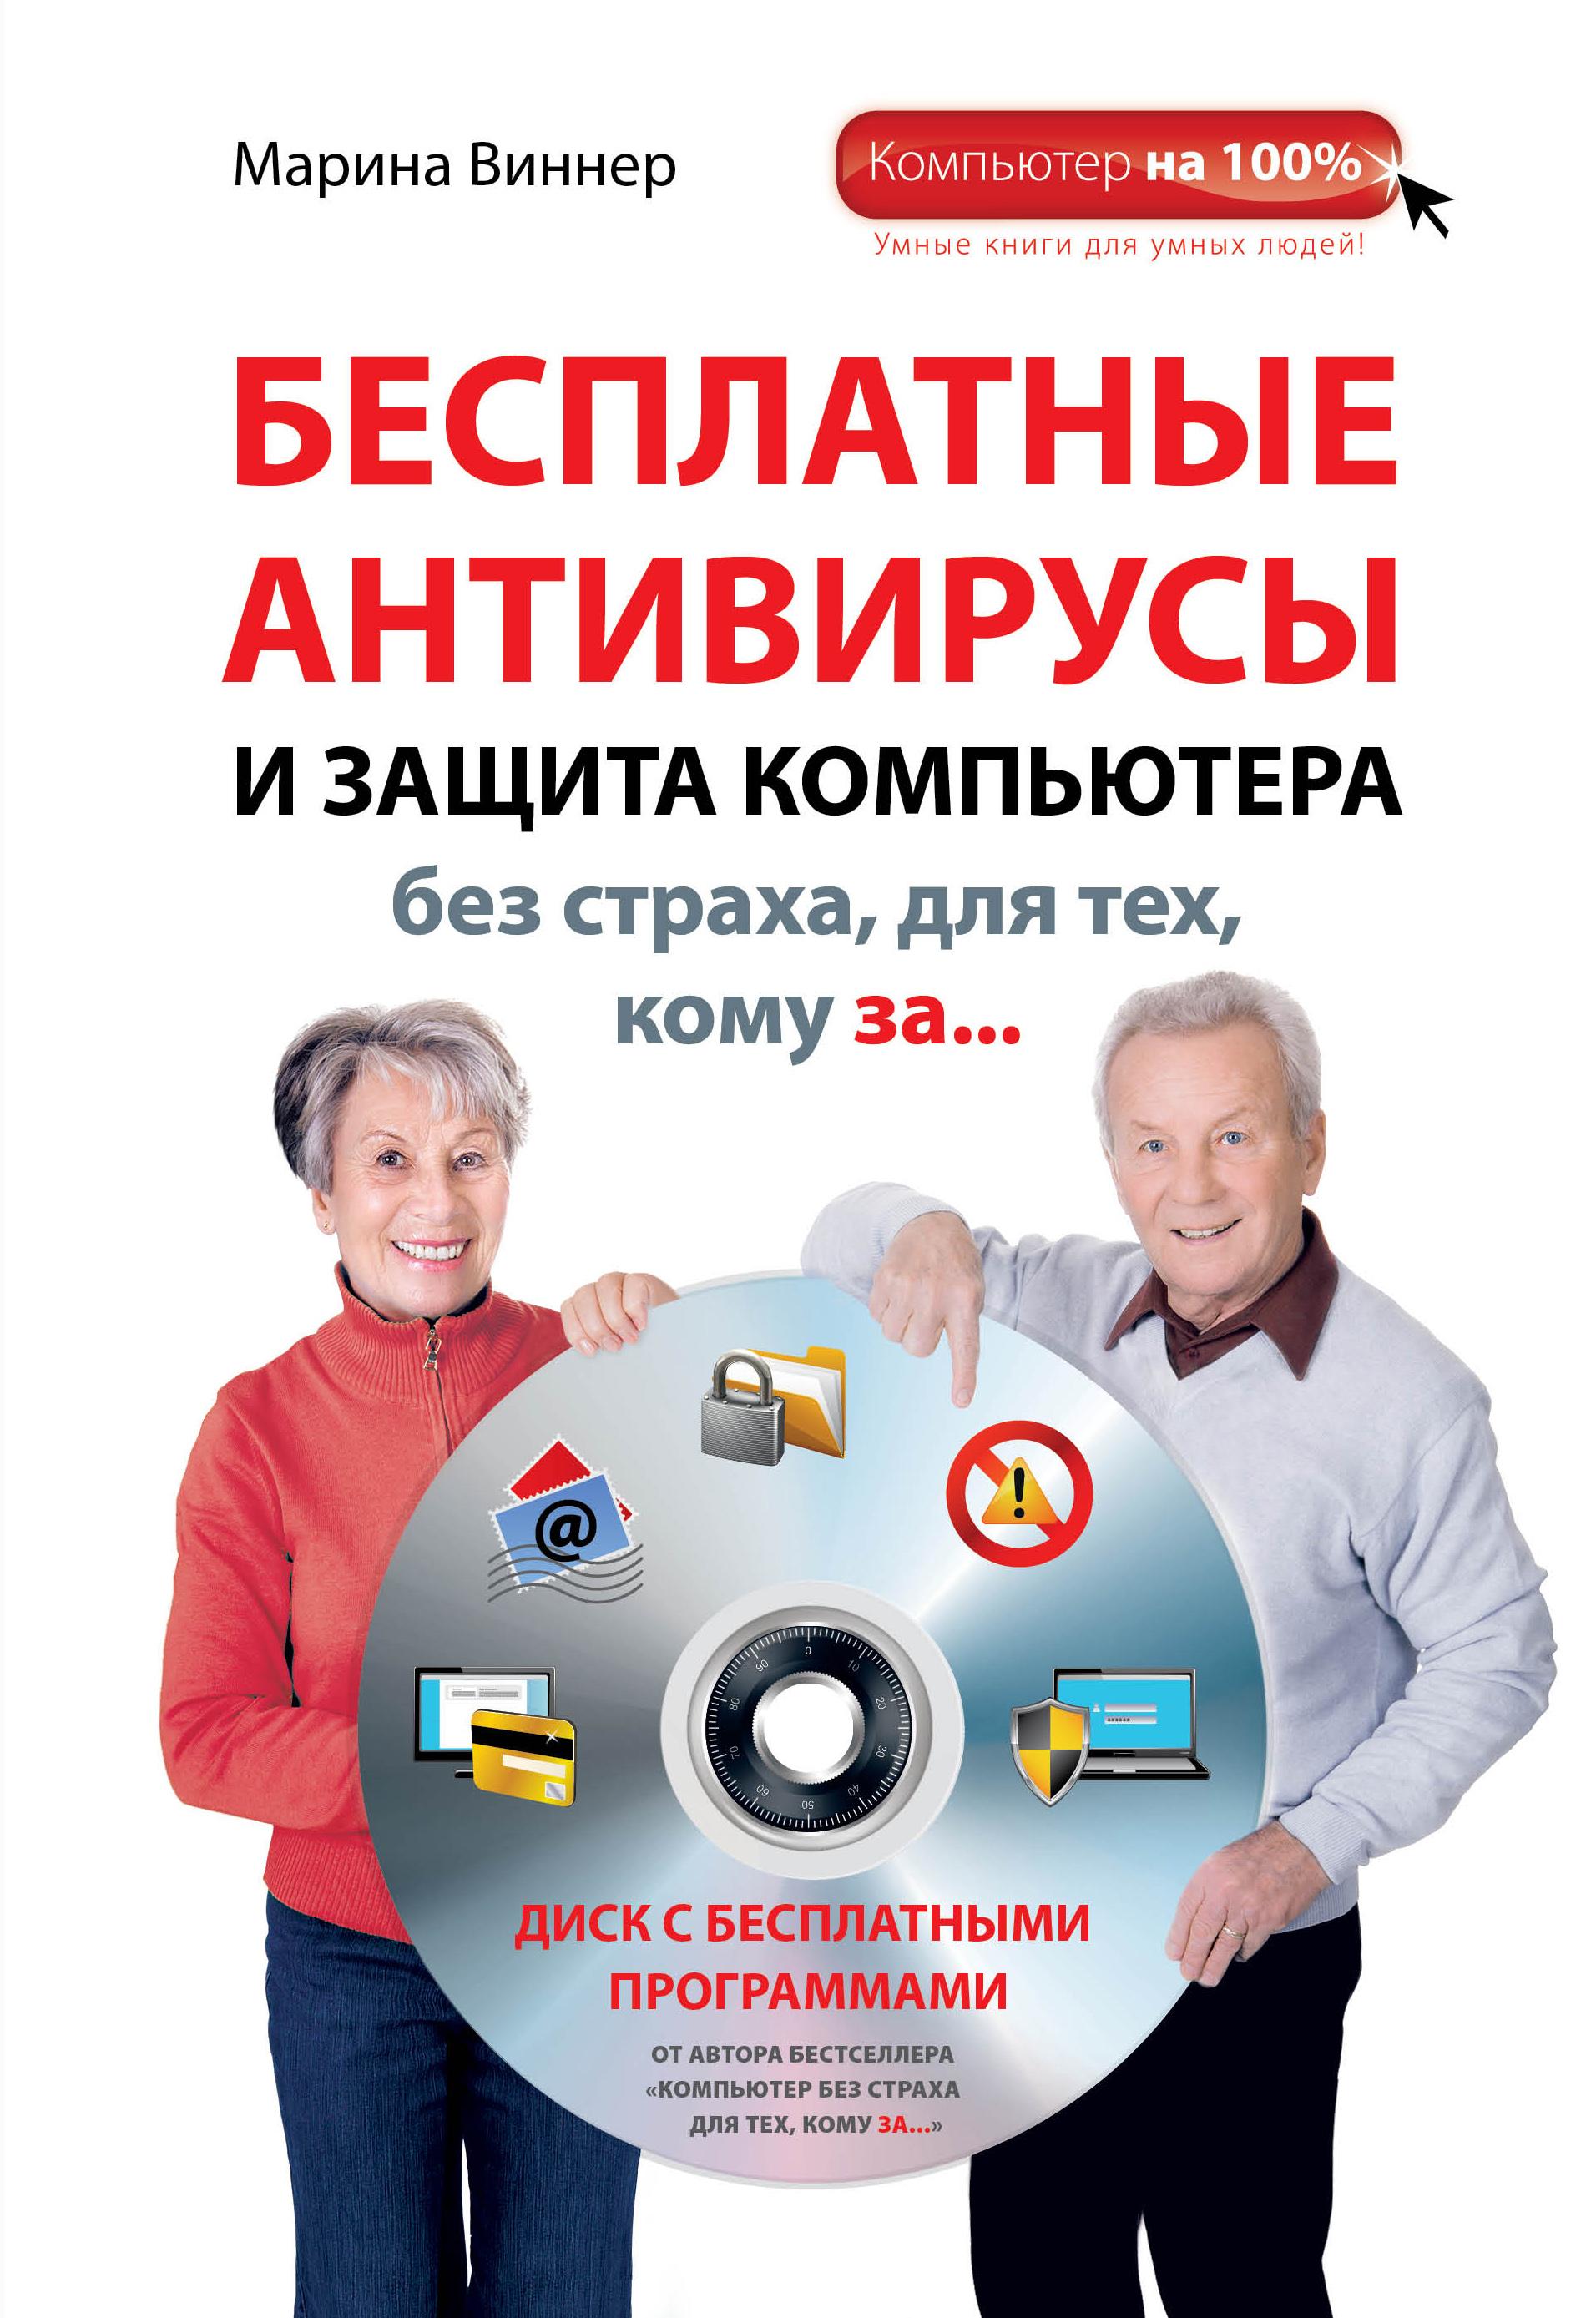 Бесплатные антивирусы и защита компьютера без страха для тех, кому за... (+DVD), Виннер М., ISBN 9785699699445, Издательство Эксмо ООО, 2014, Компьютер на 100% (обложка) , 978-5-6996-9944-5, 978-5-699-69944-5, 978-5-69-969944-5 - купить со скидкой